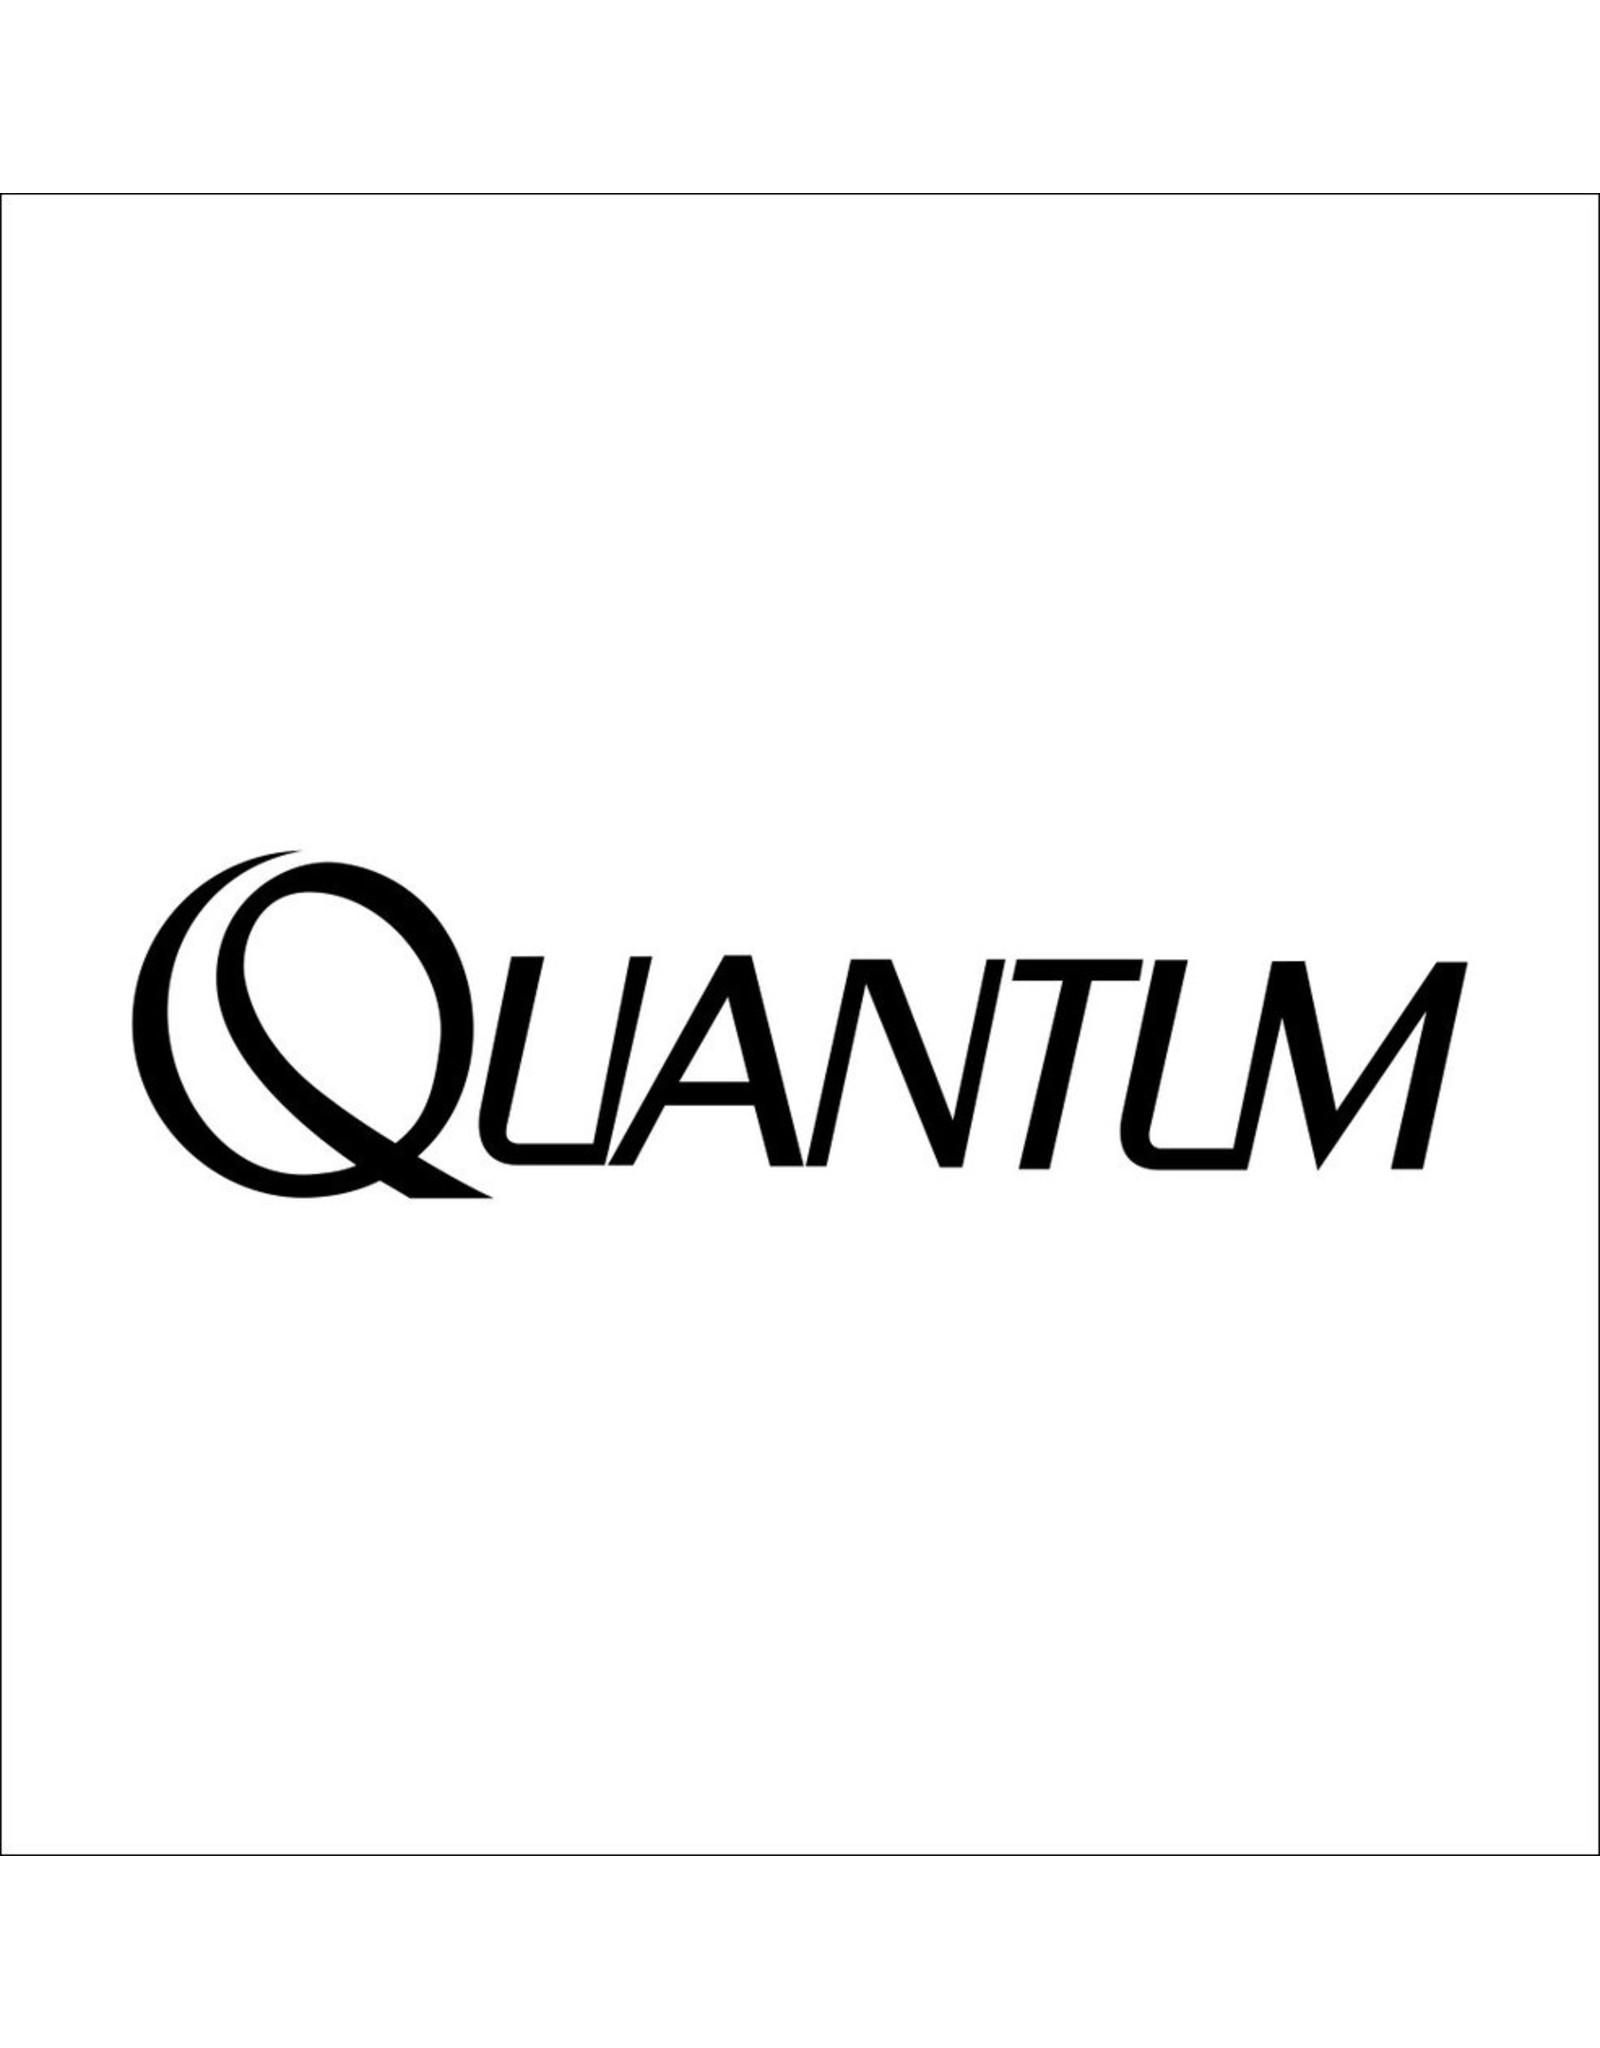 Quantum GEAR SIDE COVER SCREW 'B'